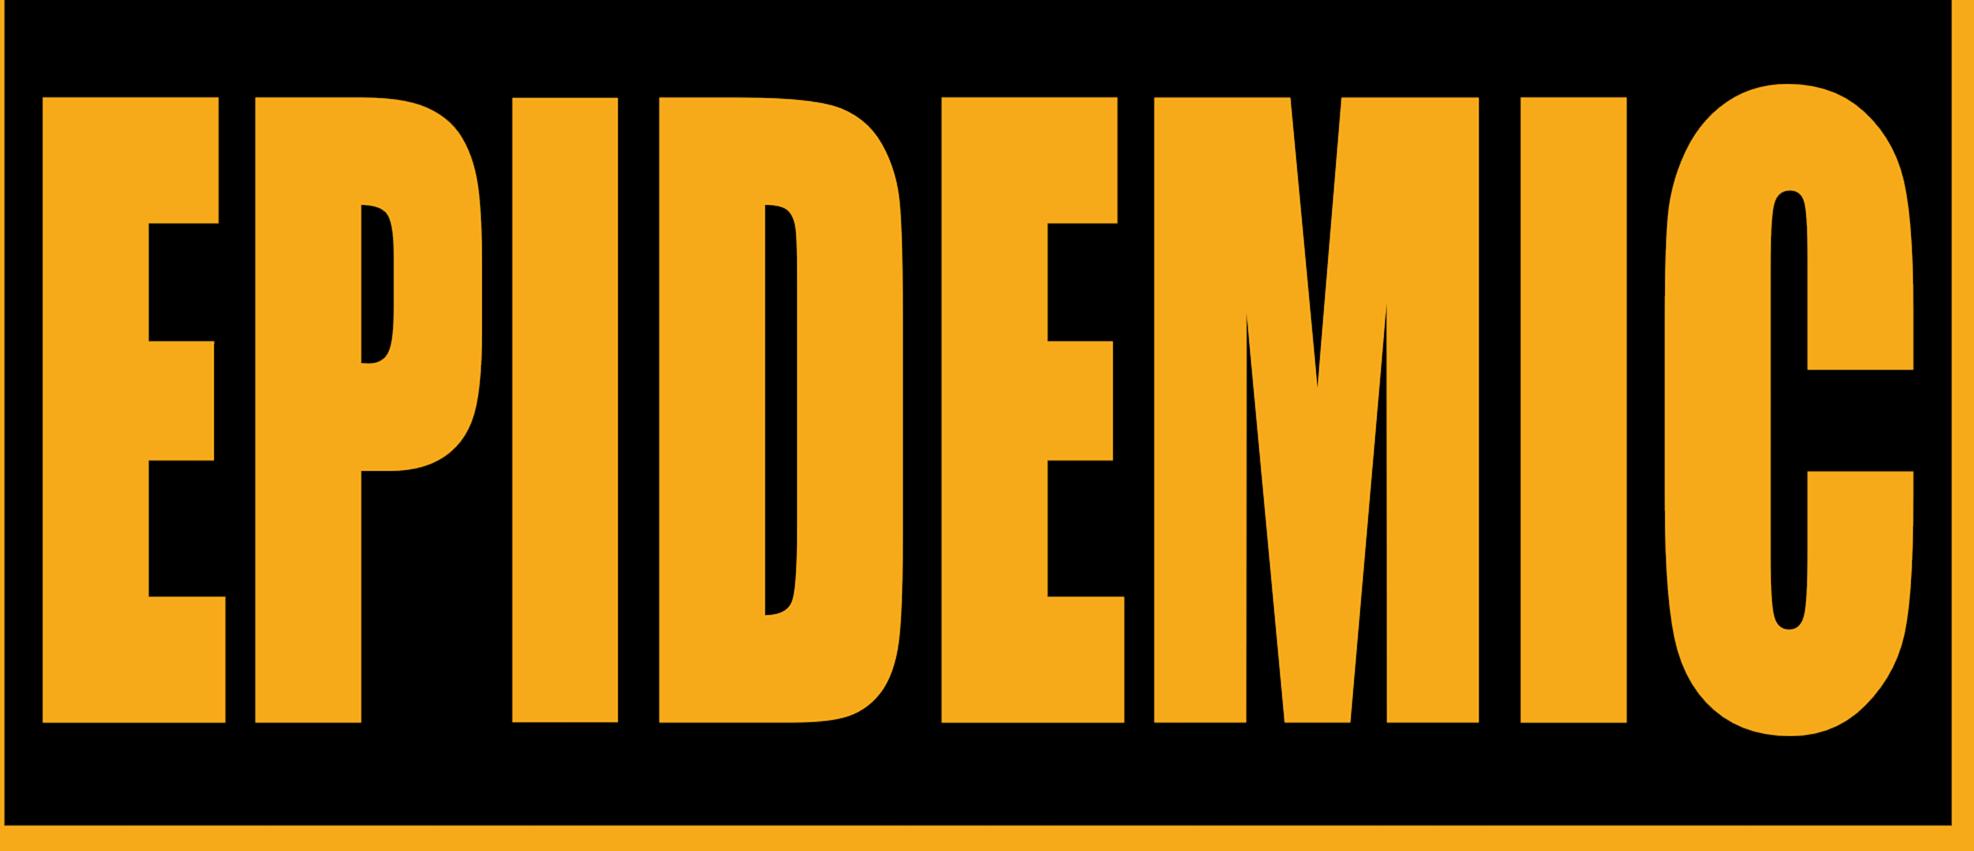 وب سایت استودیوی ایرانی Epidemic Entertainment رسما راه اندازی شد